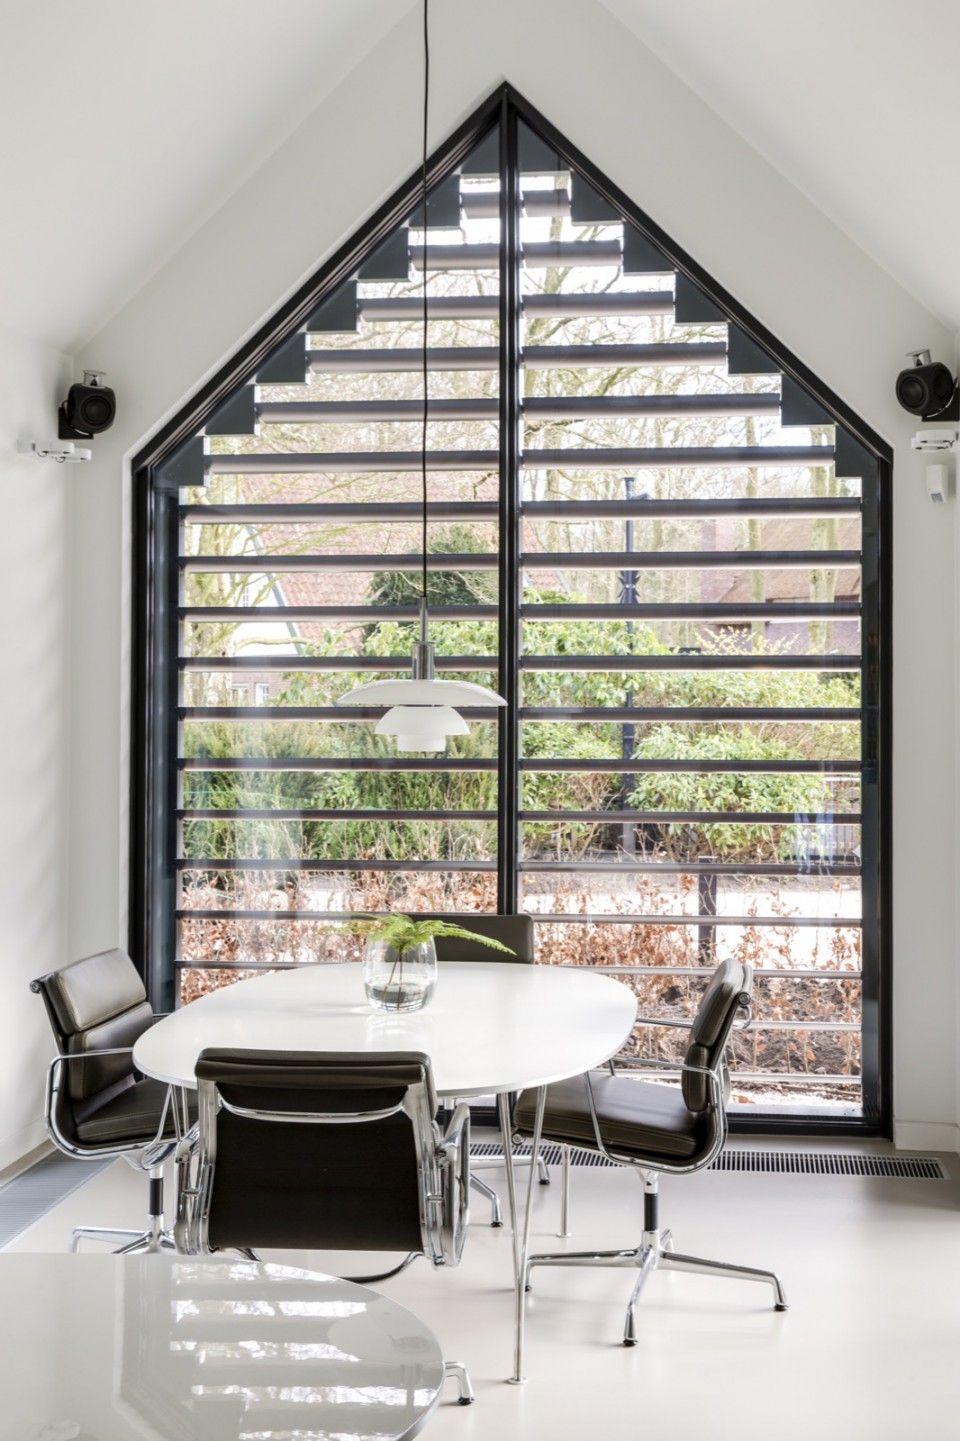 Rietgedekte villa drape privacy pinterest interiors and cozy